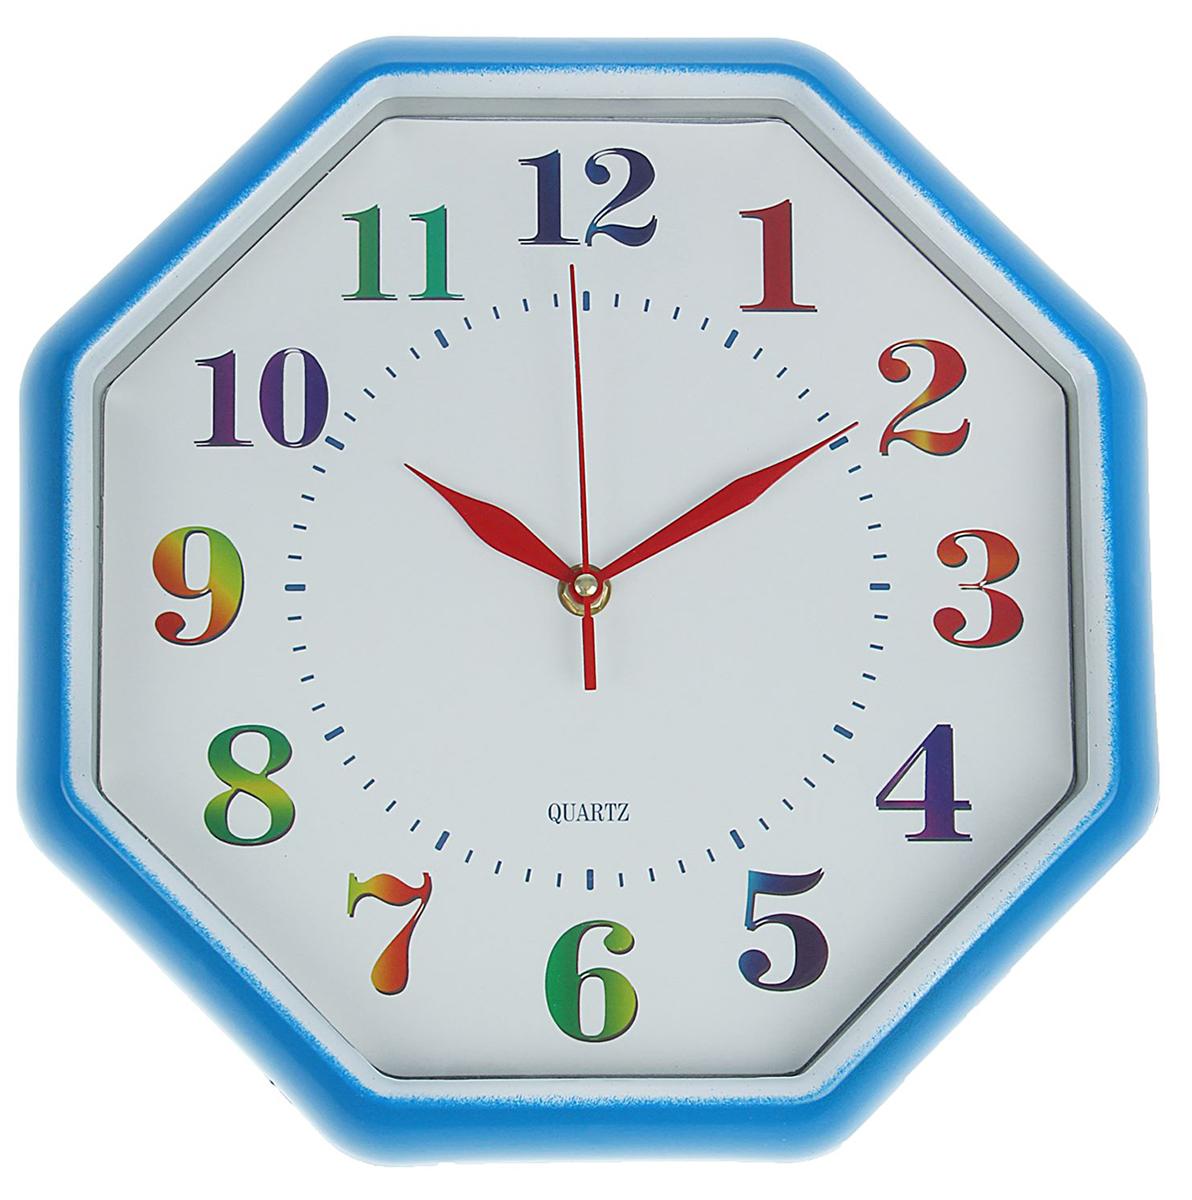 Часы настенные Соты, 30 х 30 см1586975Каждому хозяину периодически приходит мысль обновить свою квартиру, сделать ремонт, перестановку или кардинально поменять внешний вид каждой комнаты. Часы настенные многогранник Разноцветные цифры, 30 ? 30 см, белый циферблат, рама голубая — привлекательная деталь, которая поможет воплотить вашу интерьерную идею, создать неповторимую атмосферу в вашем доме. Окружите себя приятными мелочами, пусть они радуют глаз и дарят гармонию.Часы настенные соты, белый циферблат с разноцветными цифрами 30*30см 1586975